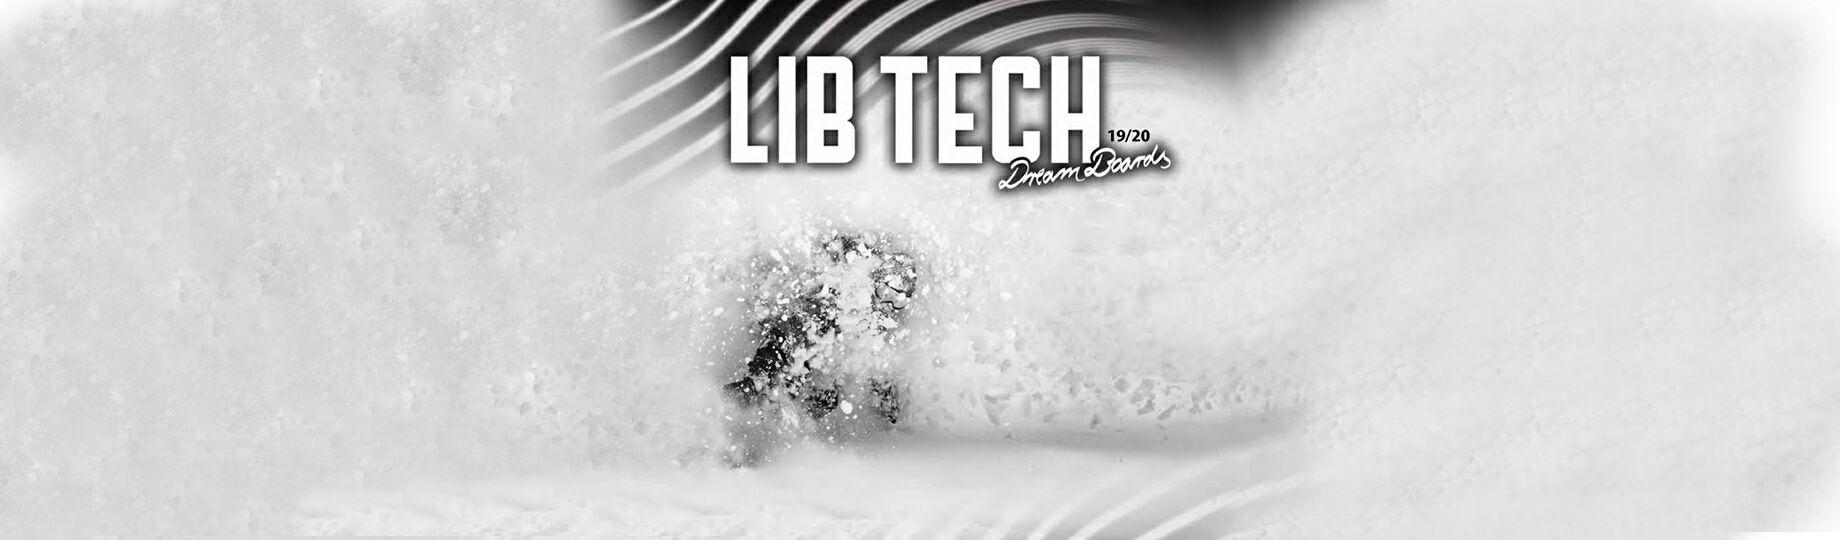 LIB TECHメイン画像